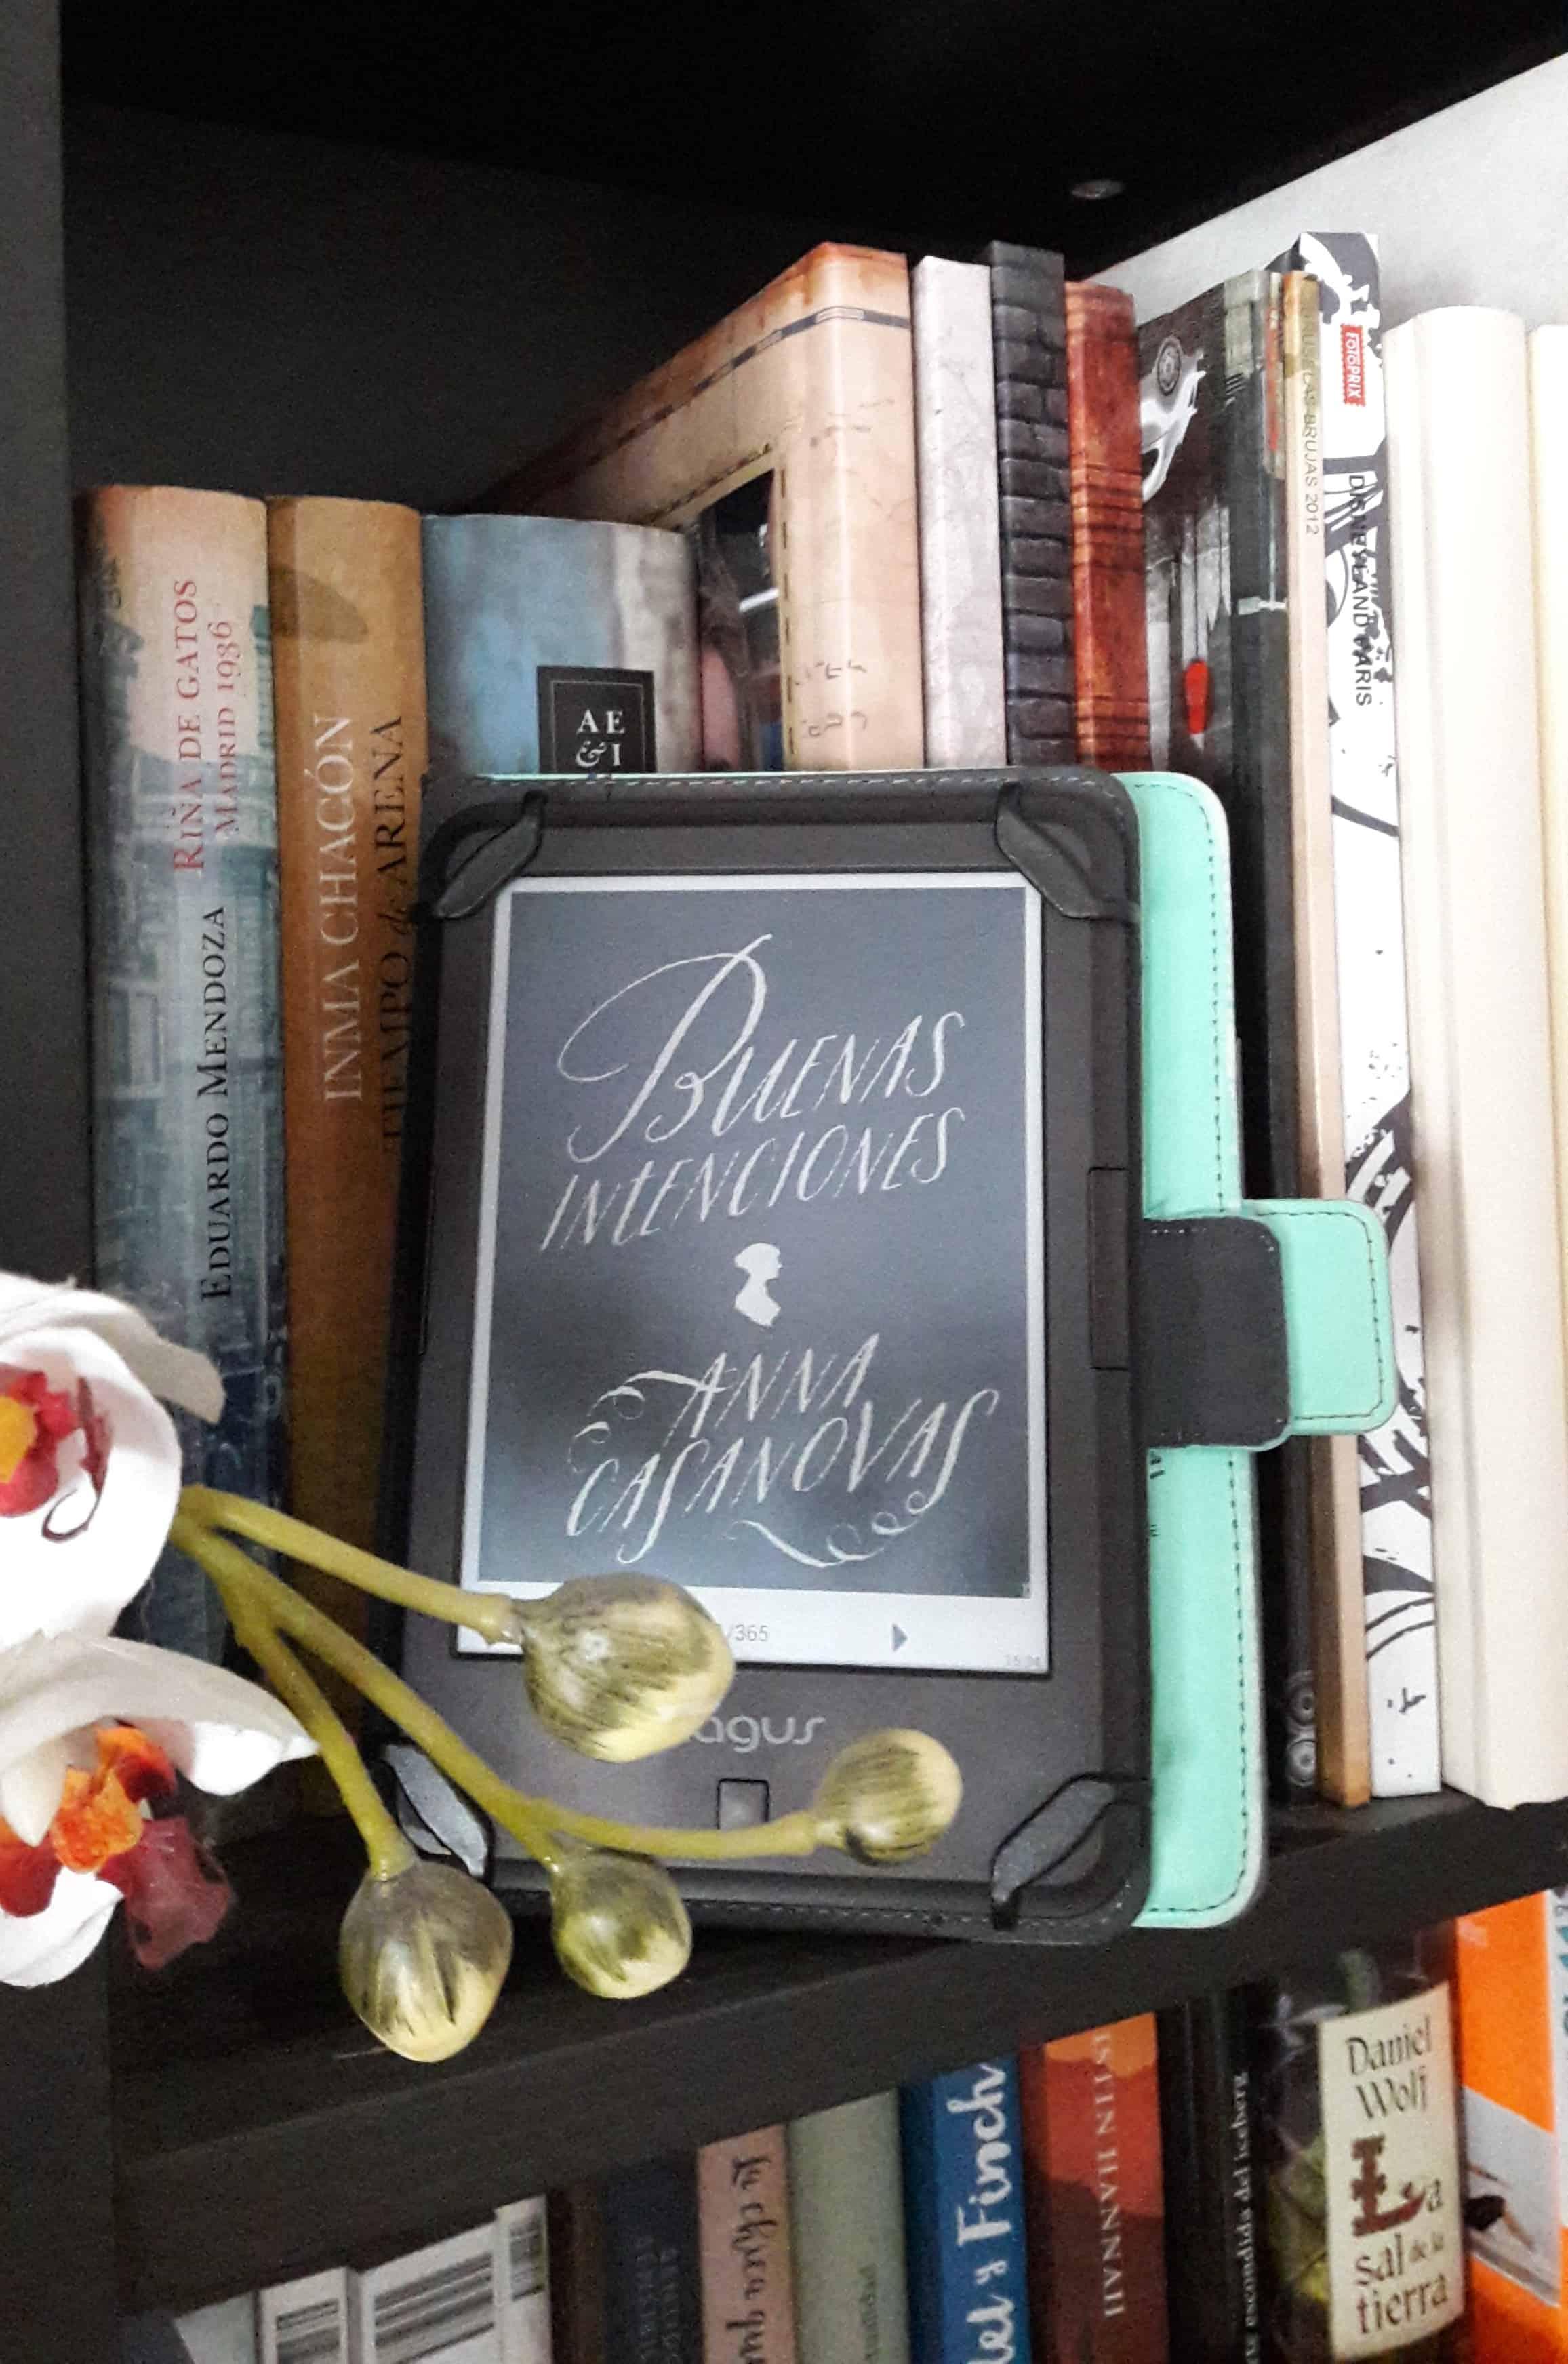 BUENAS INTENCIONES, de Anna Casanovas